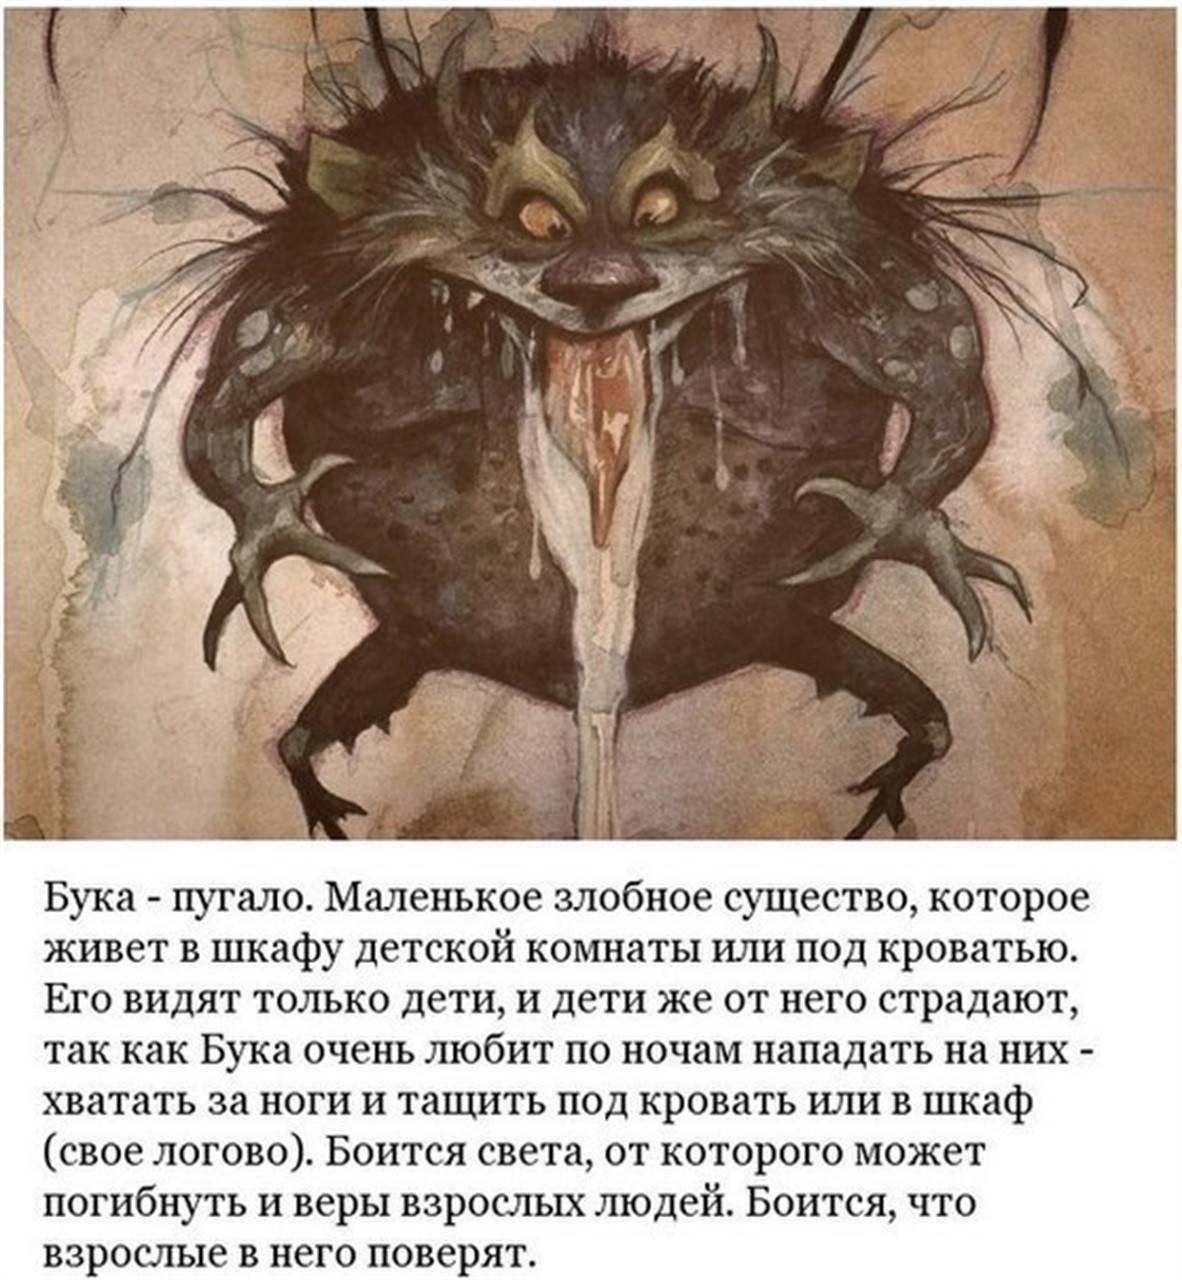 Бука в шкафу » страшные истории